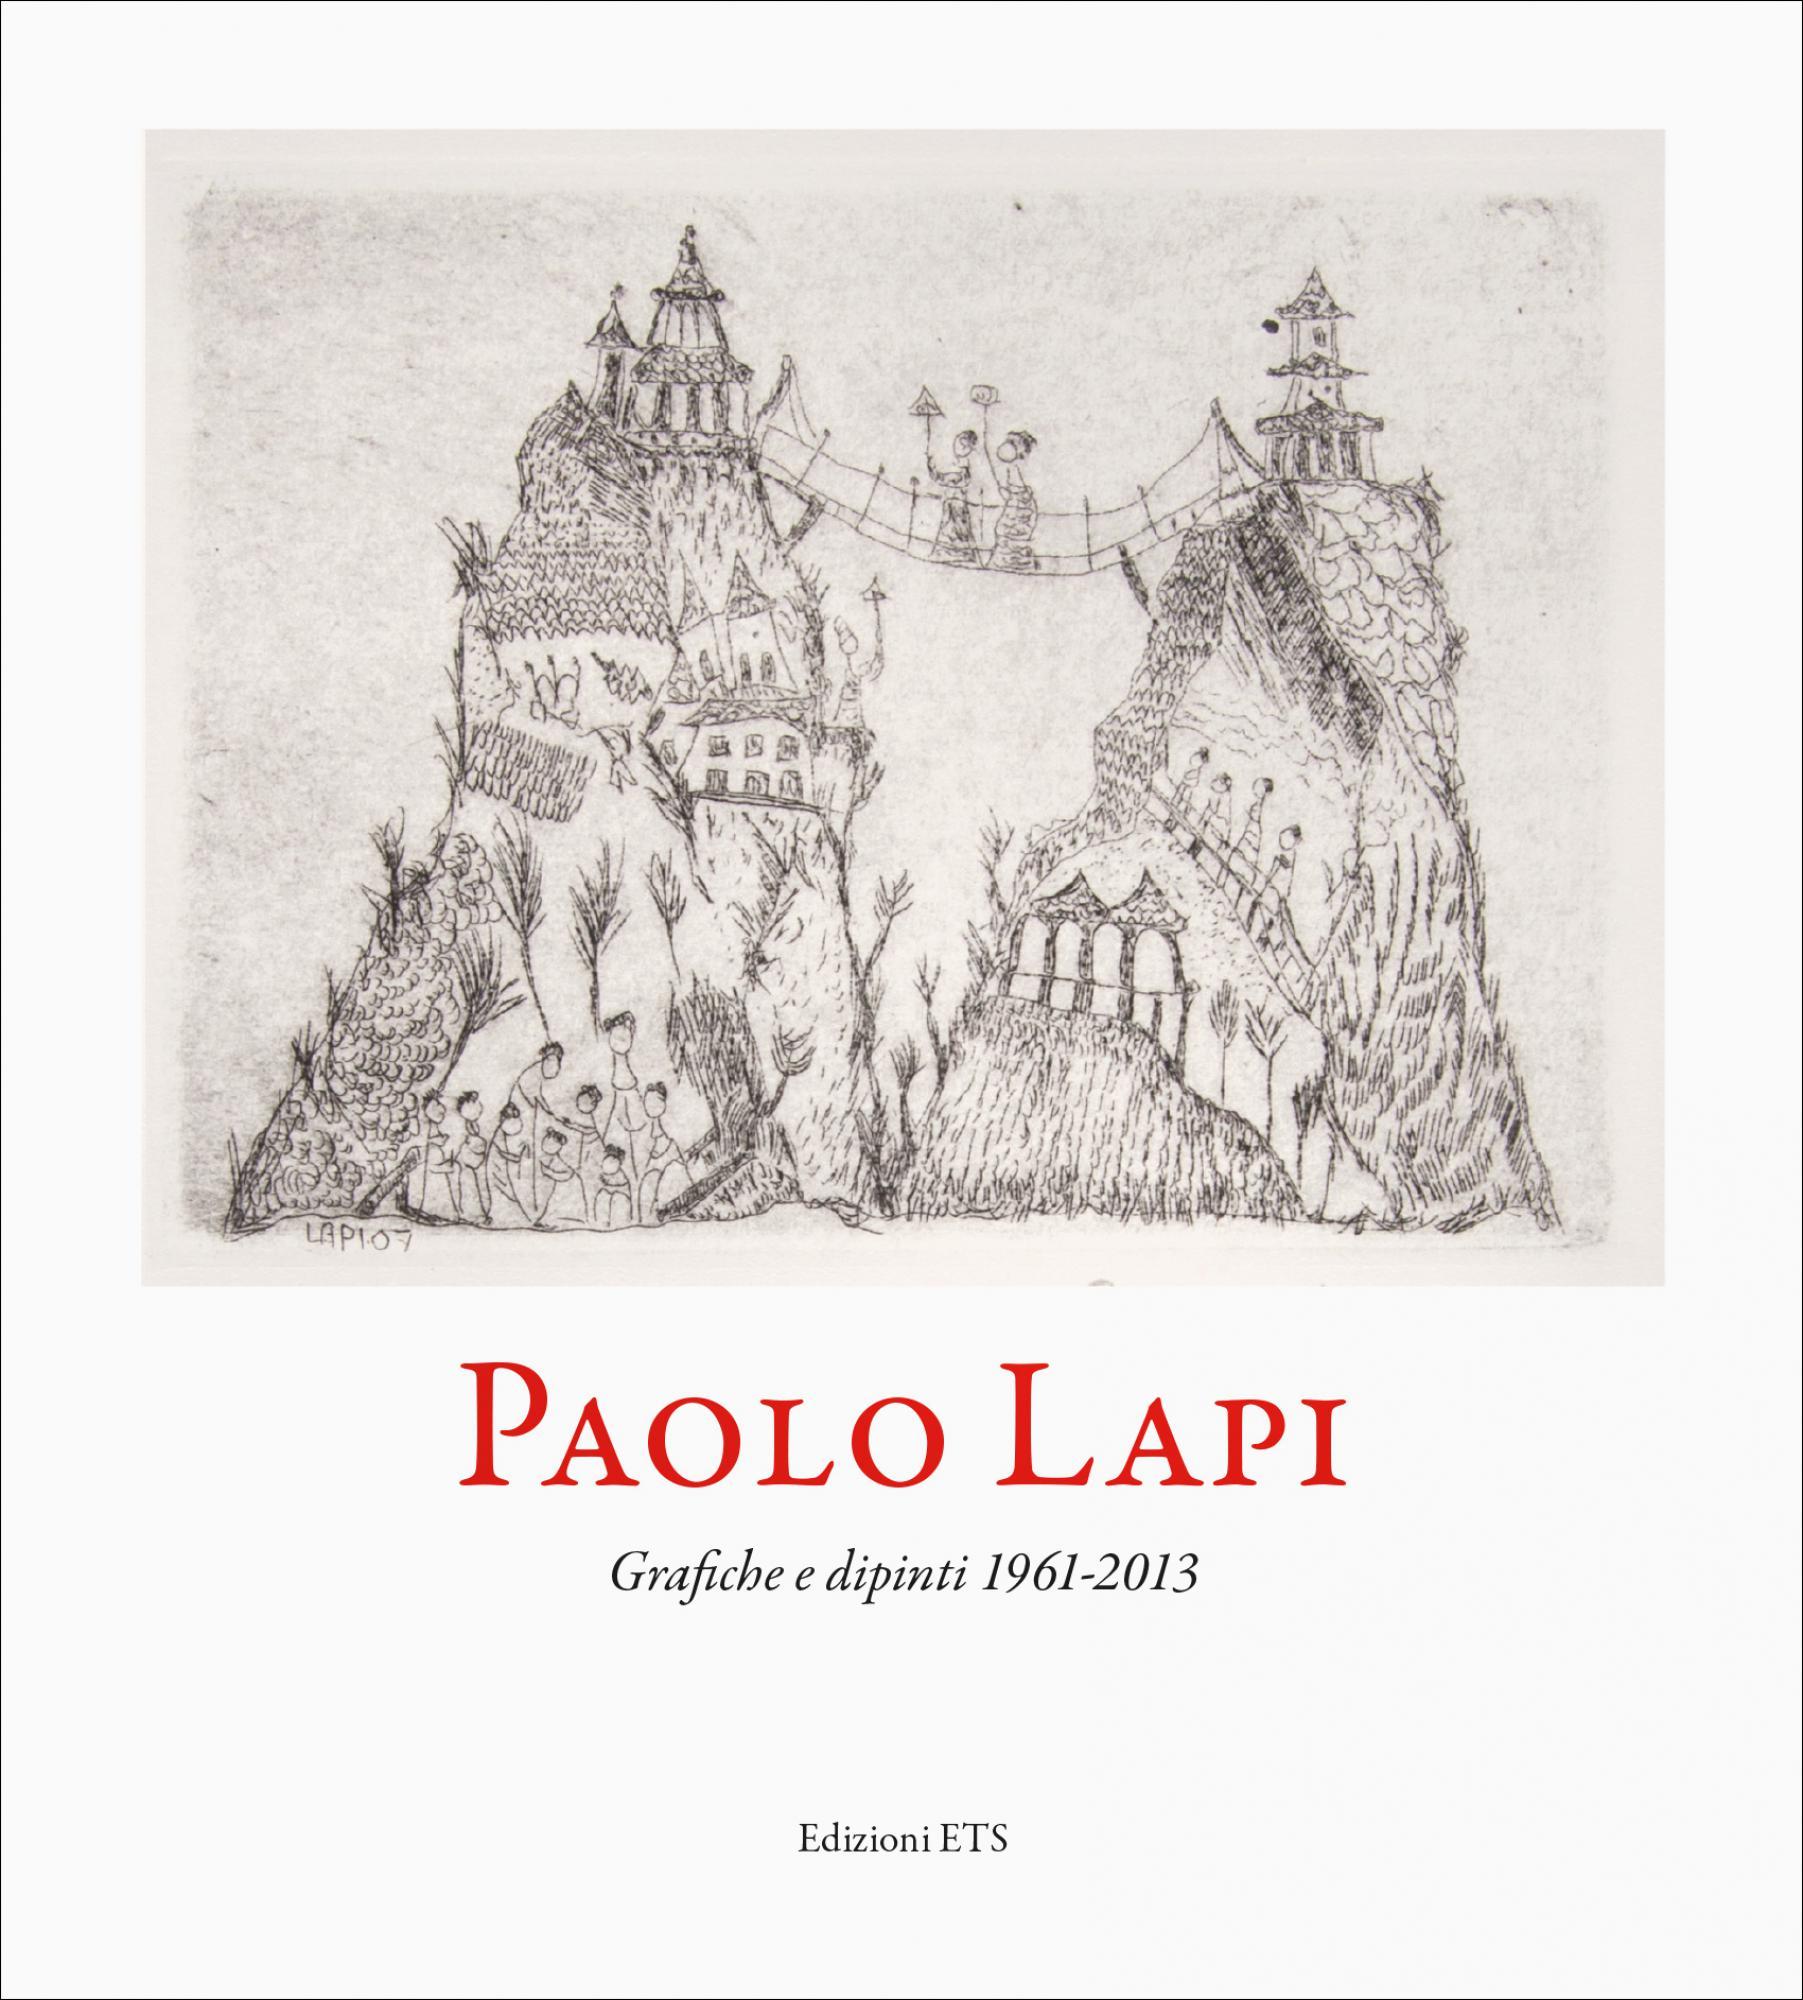 Paolo Lapi.Grafiche e dipinti 1961-2013